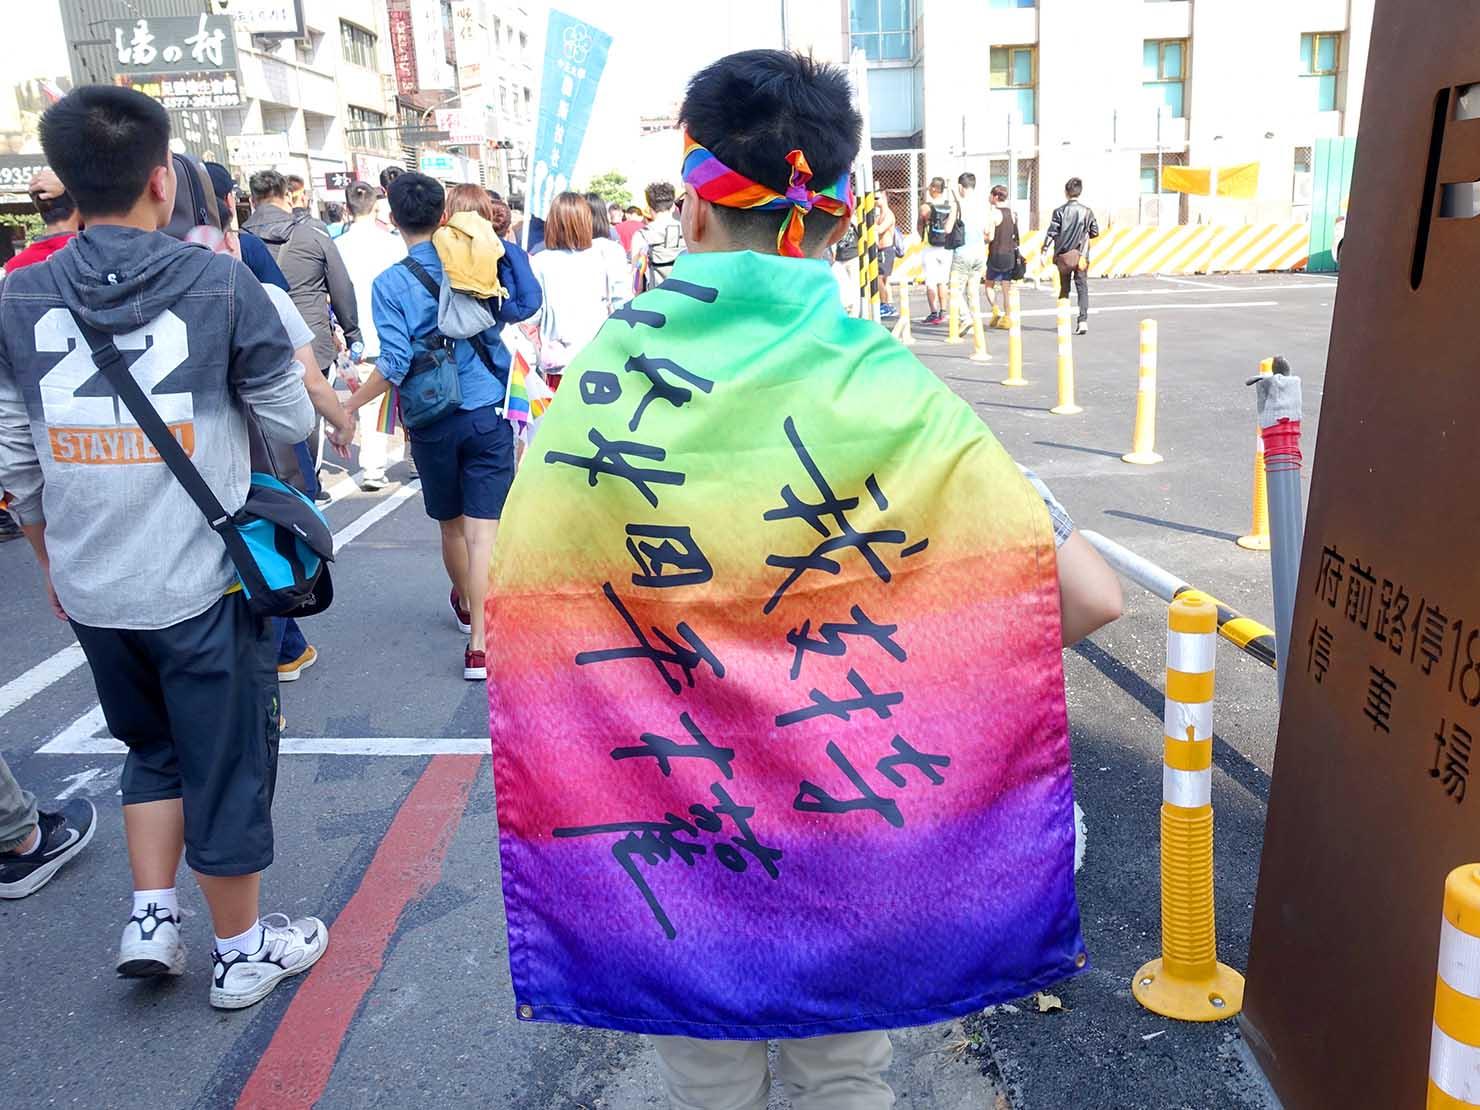 2018年台湾最初のLGBTプライド「台南彩虹遊行(台南レインボーパレード)」で婚姻平權フラッグを身にまとう参加者